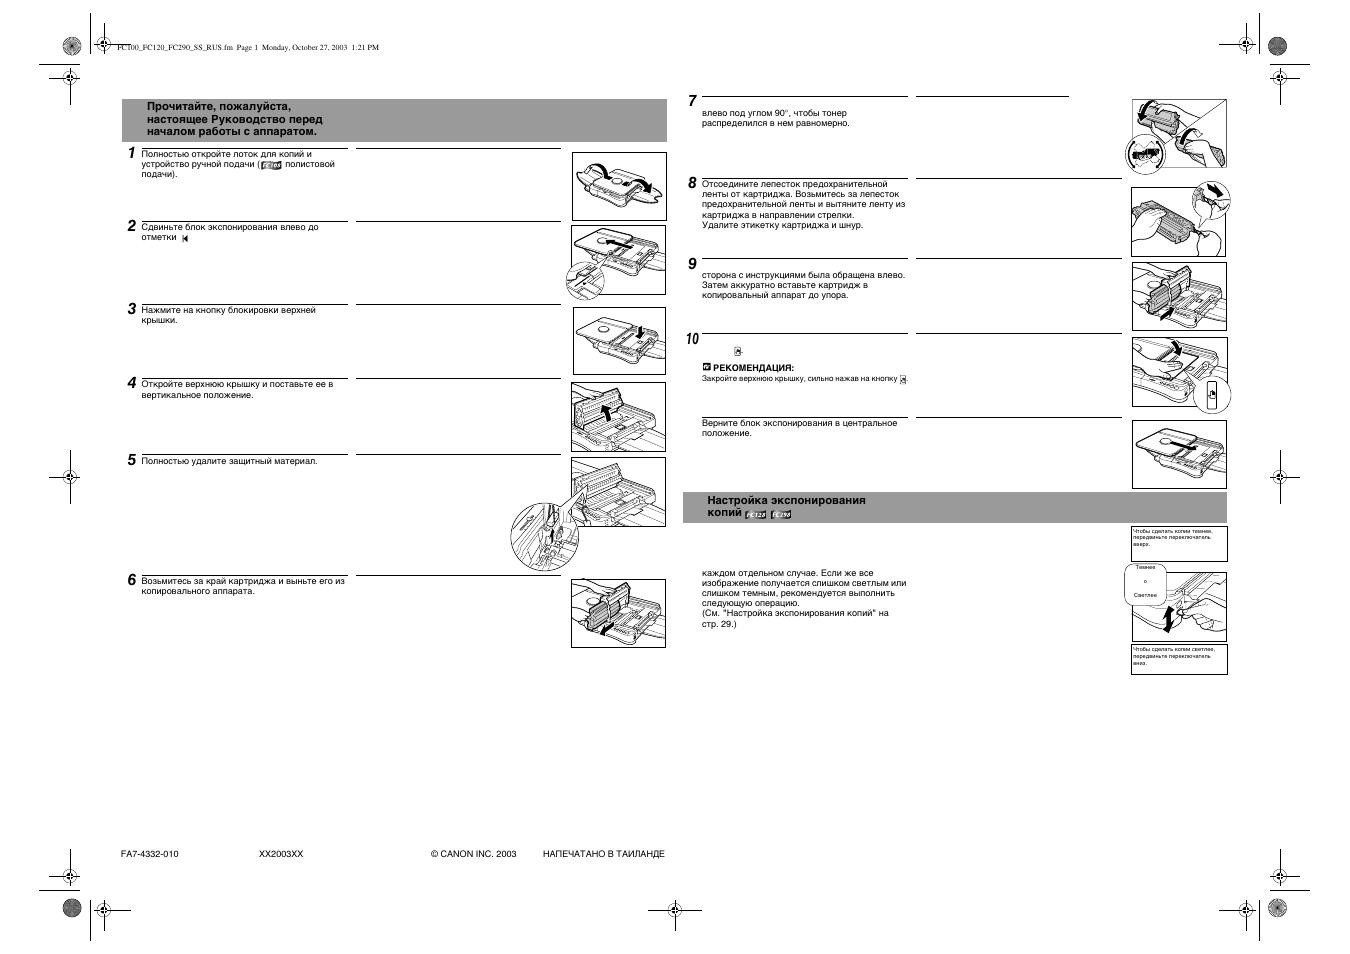 Где скачать бесплатно инструкцию для копира цанон